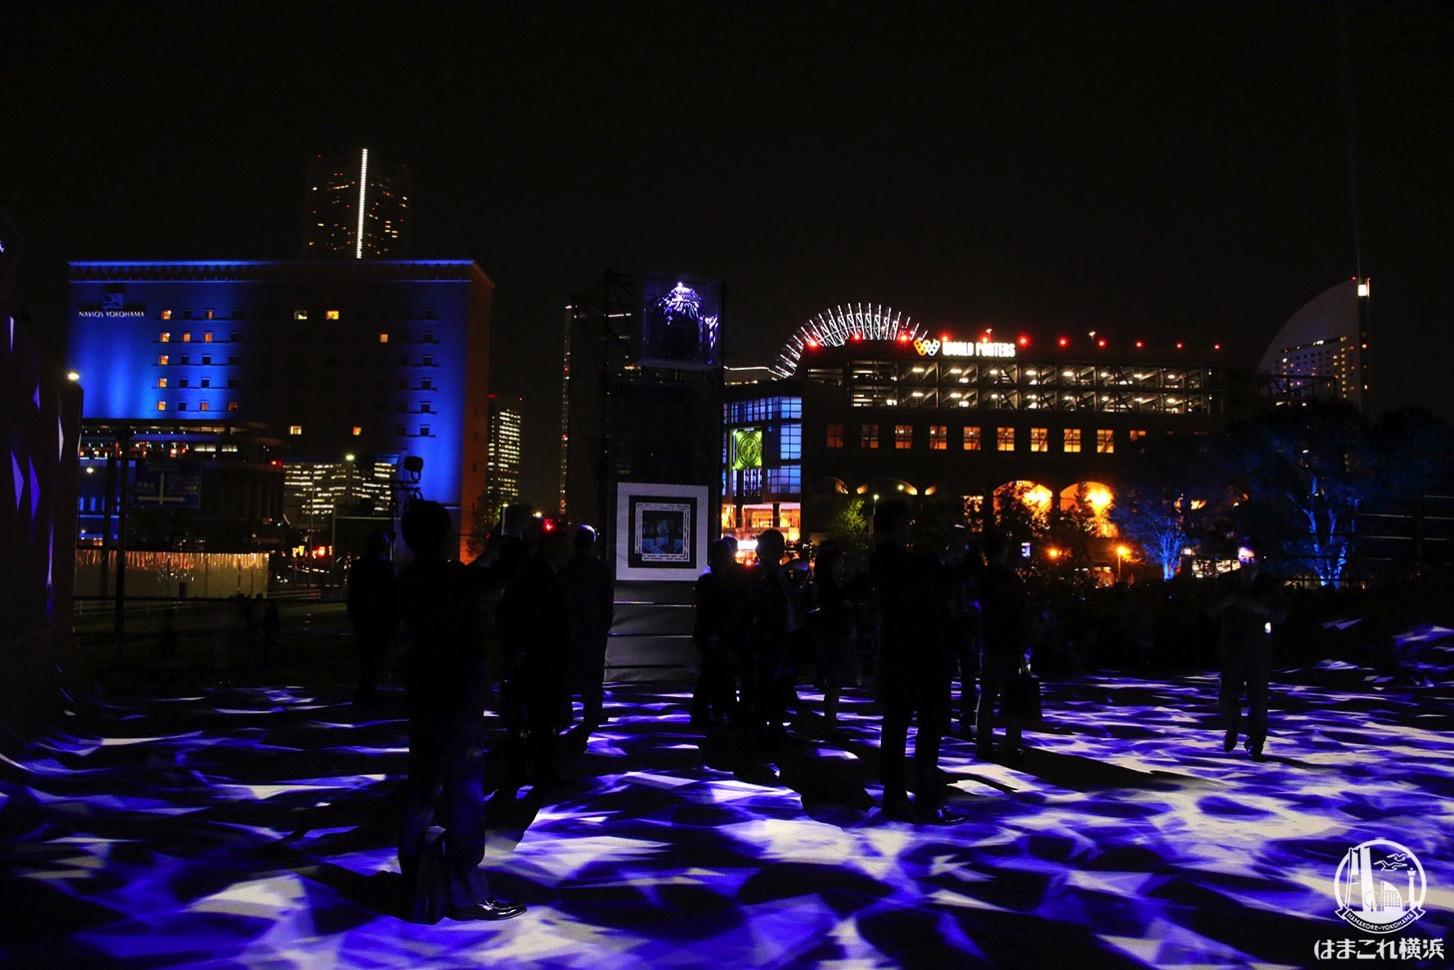 ナイトシンクヨコハマで横浜の夜景とイルミネーションがコラボ!特別演出も見てきた